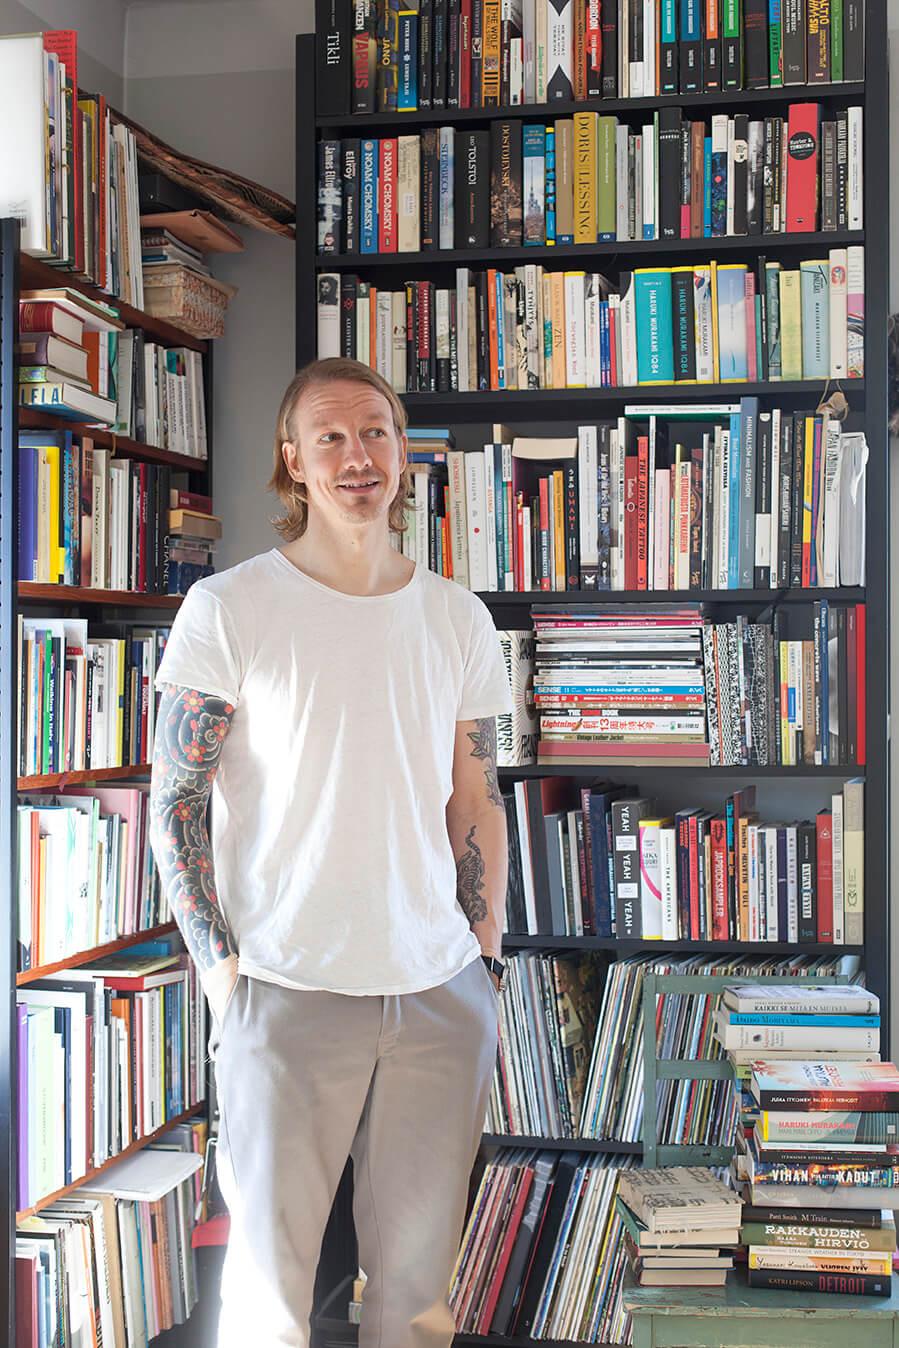 Nide-kirjakaupan toinen omistaja Joose Siira. Kuva: Joose Siira